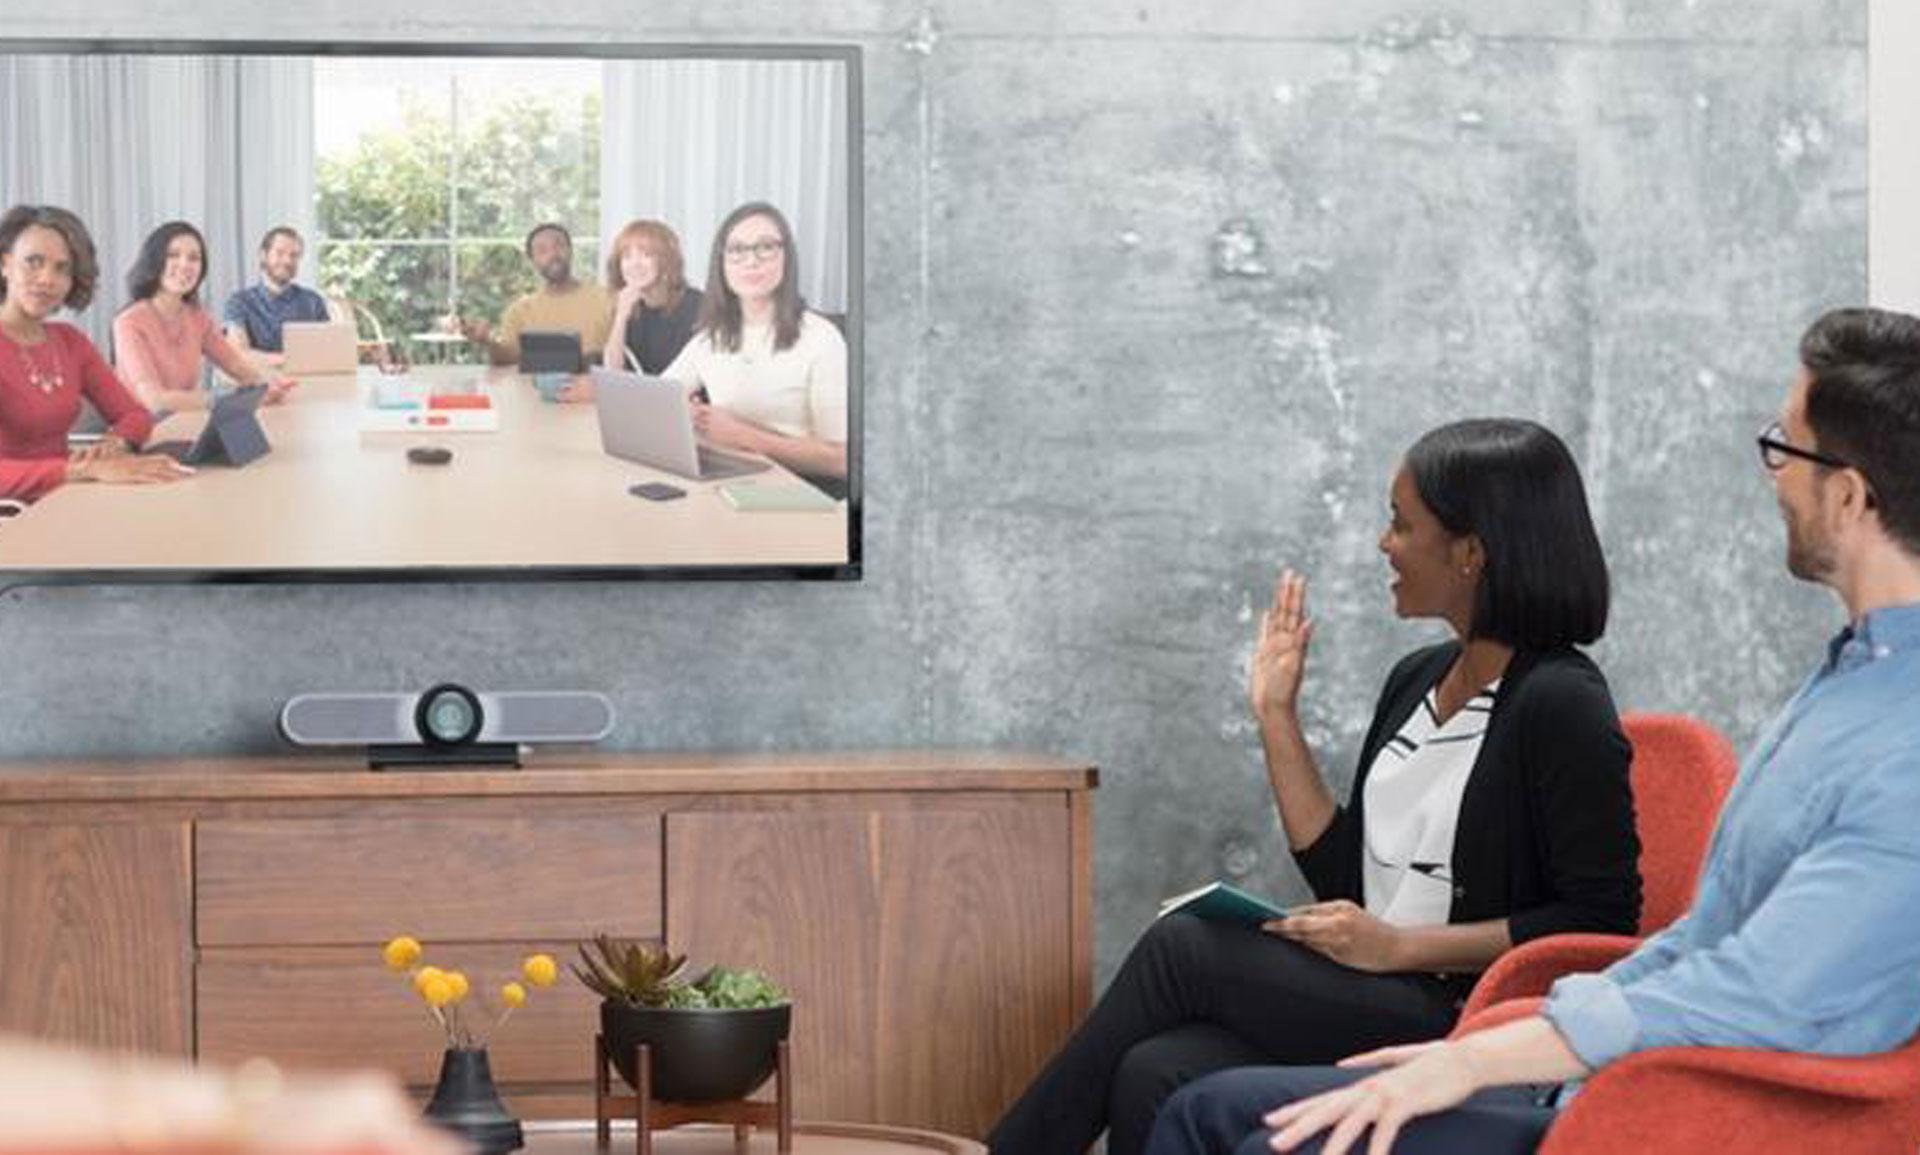 Los 3 mejores programas de videoconferencia para pequeña y mediana empresa